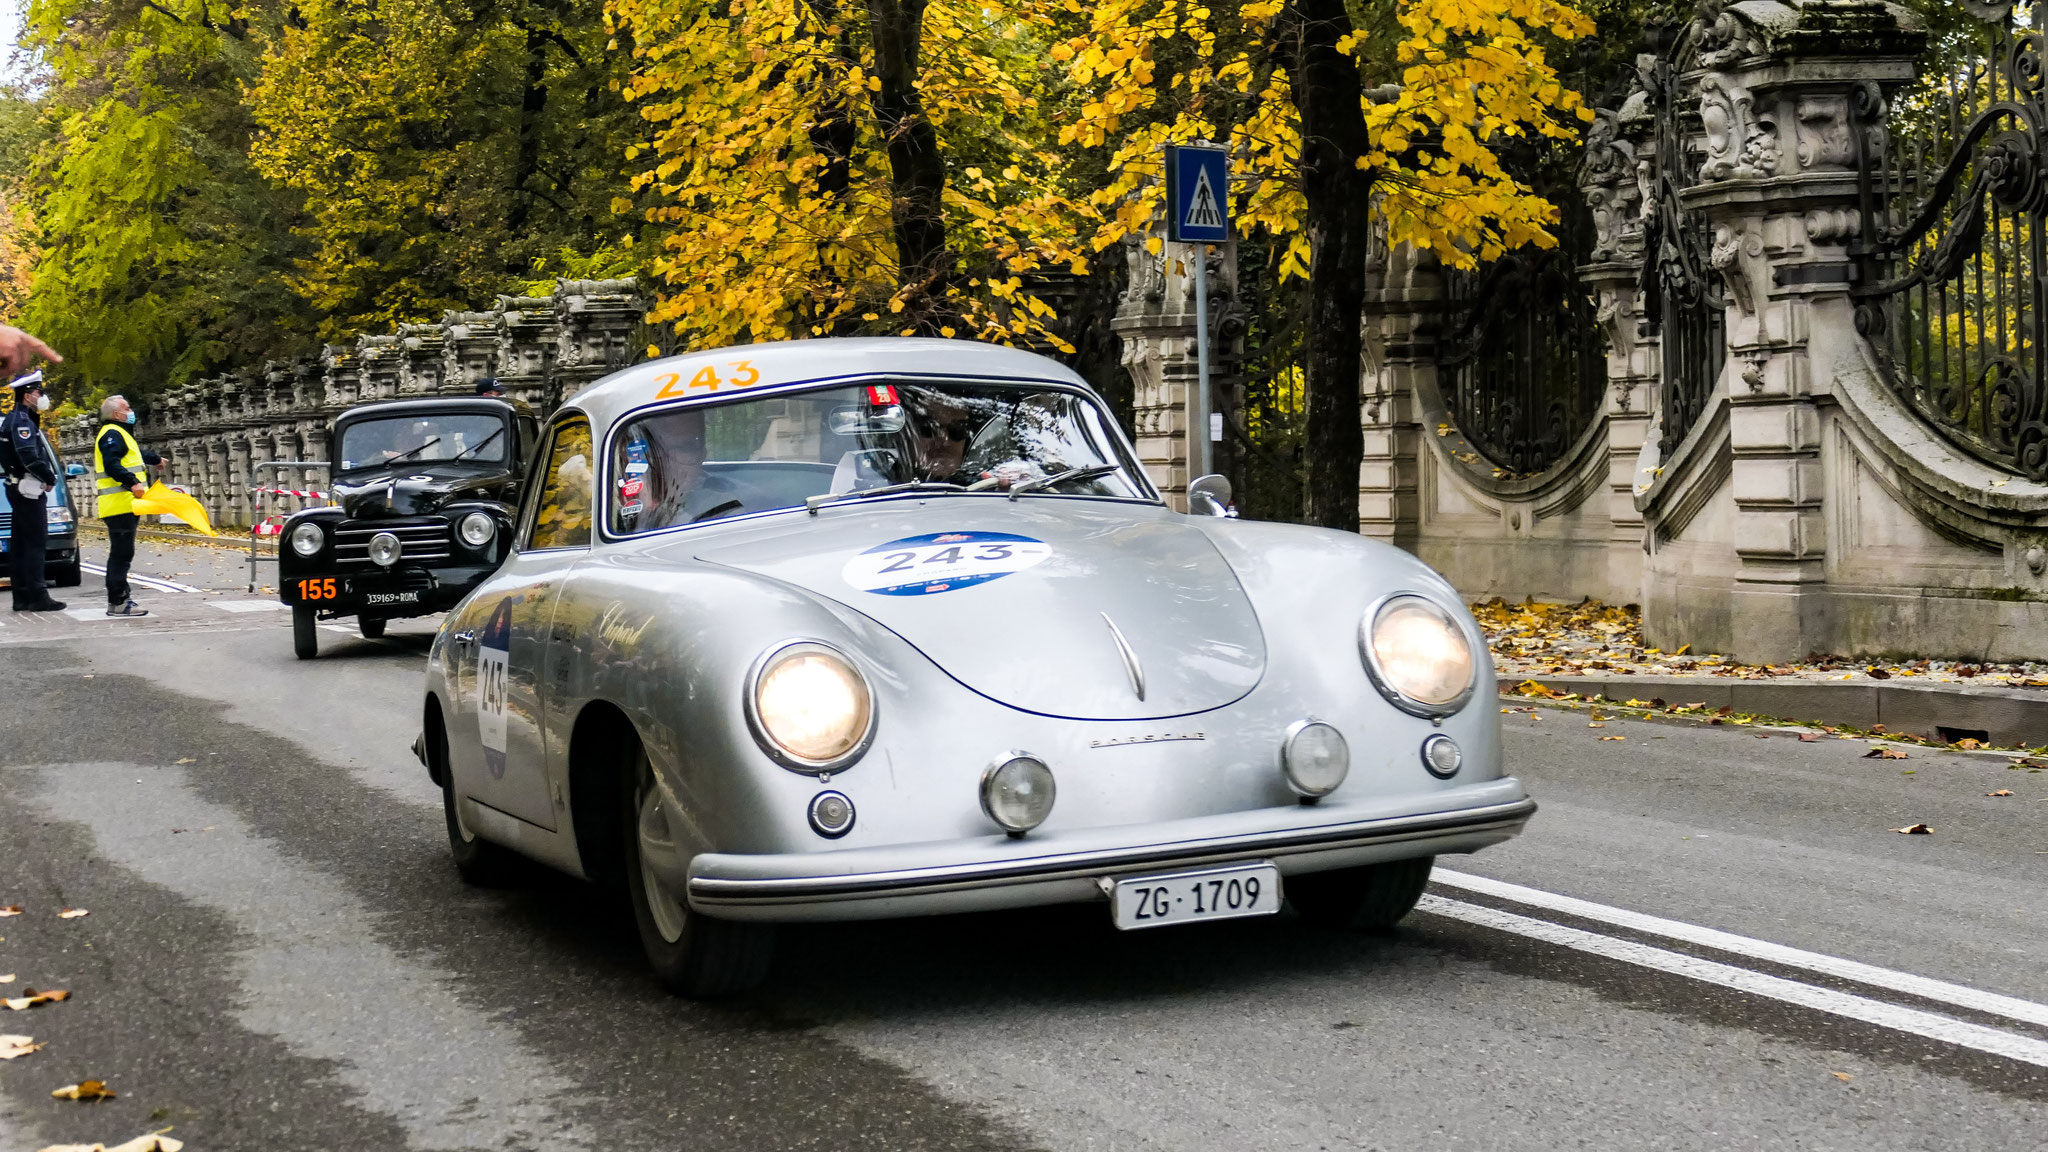 Porsche 356 1500 Super - ZG-1709 (CH)